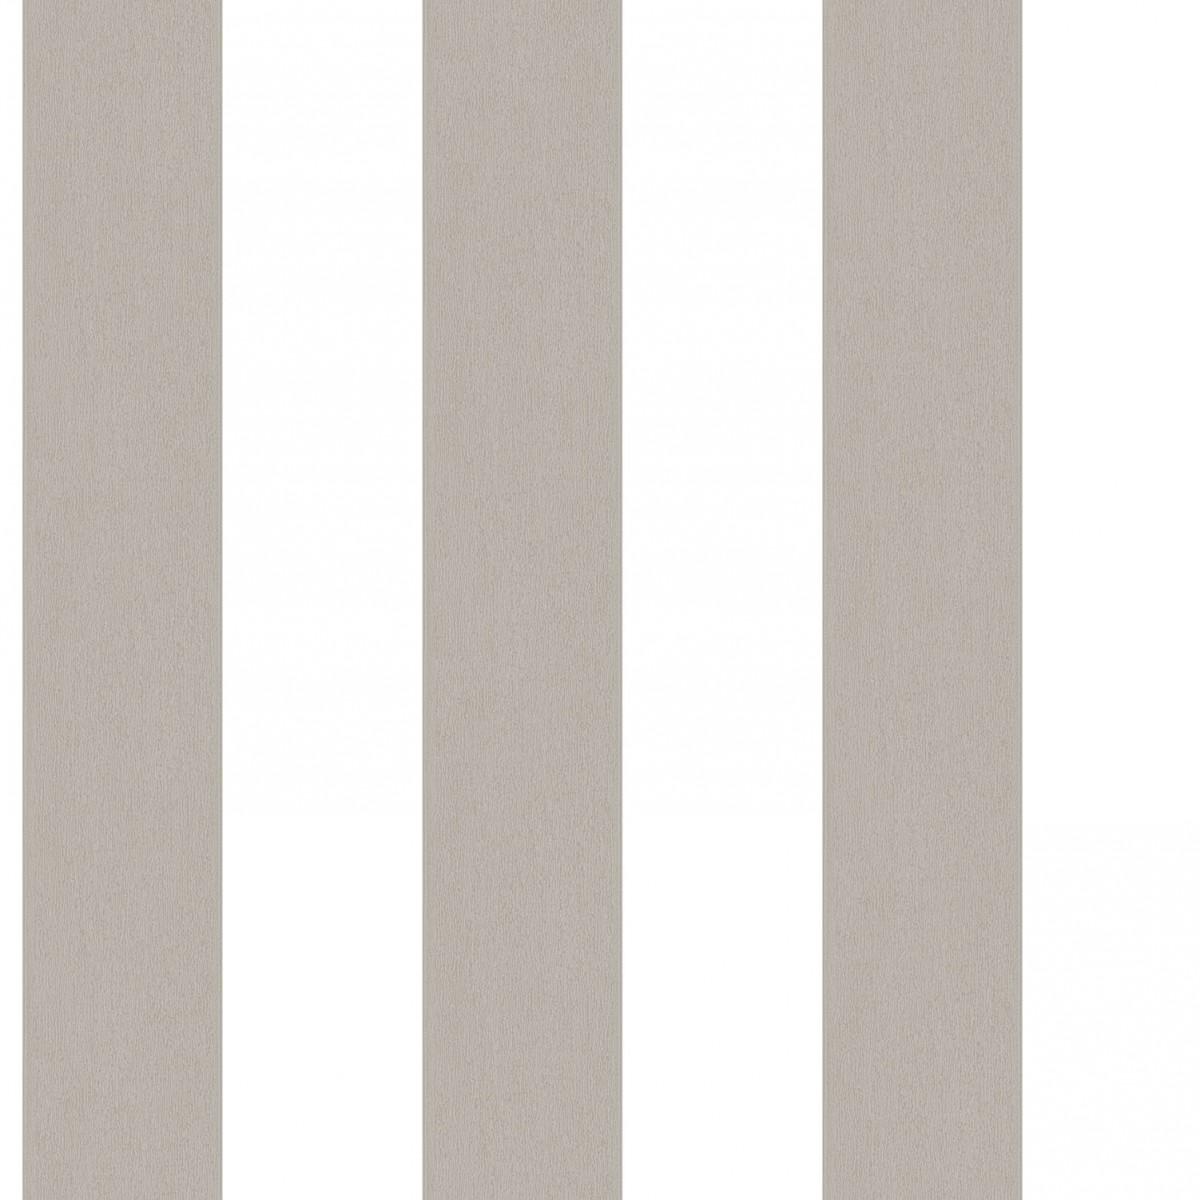 Tapet - Striber der er fadet ud i farven - grå